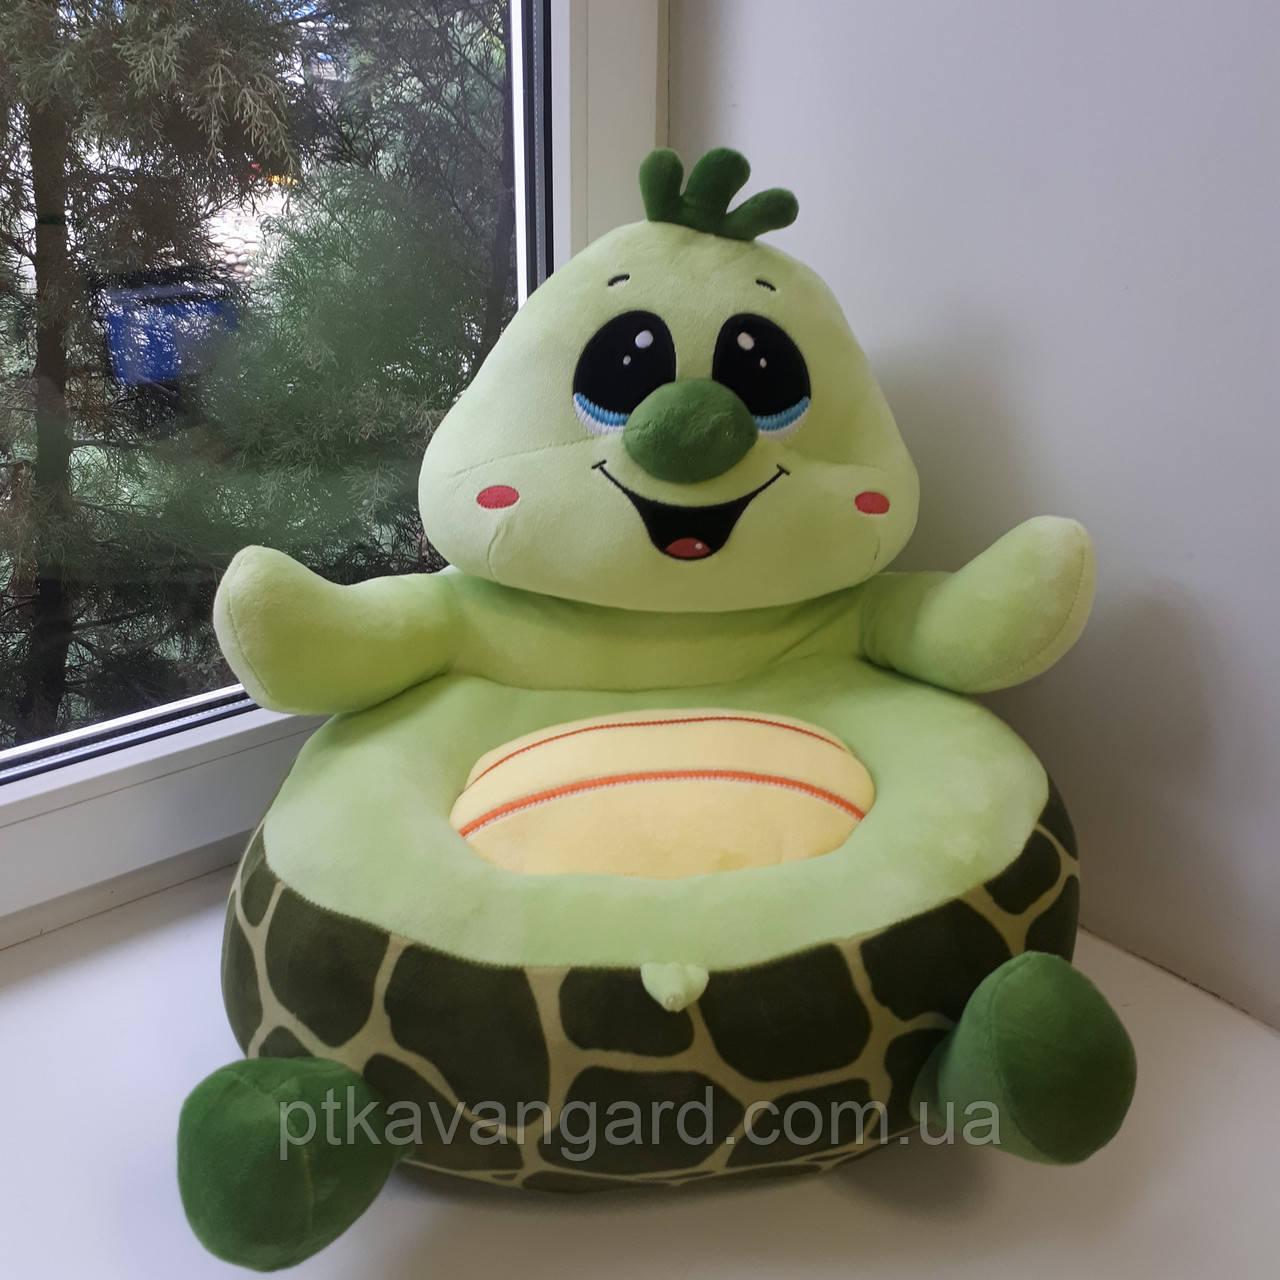 Детское мягкое кресло игрушка зеленая Черепаха 40х40х40 см С 31195